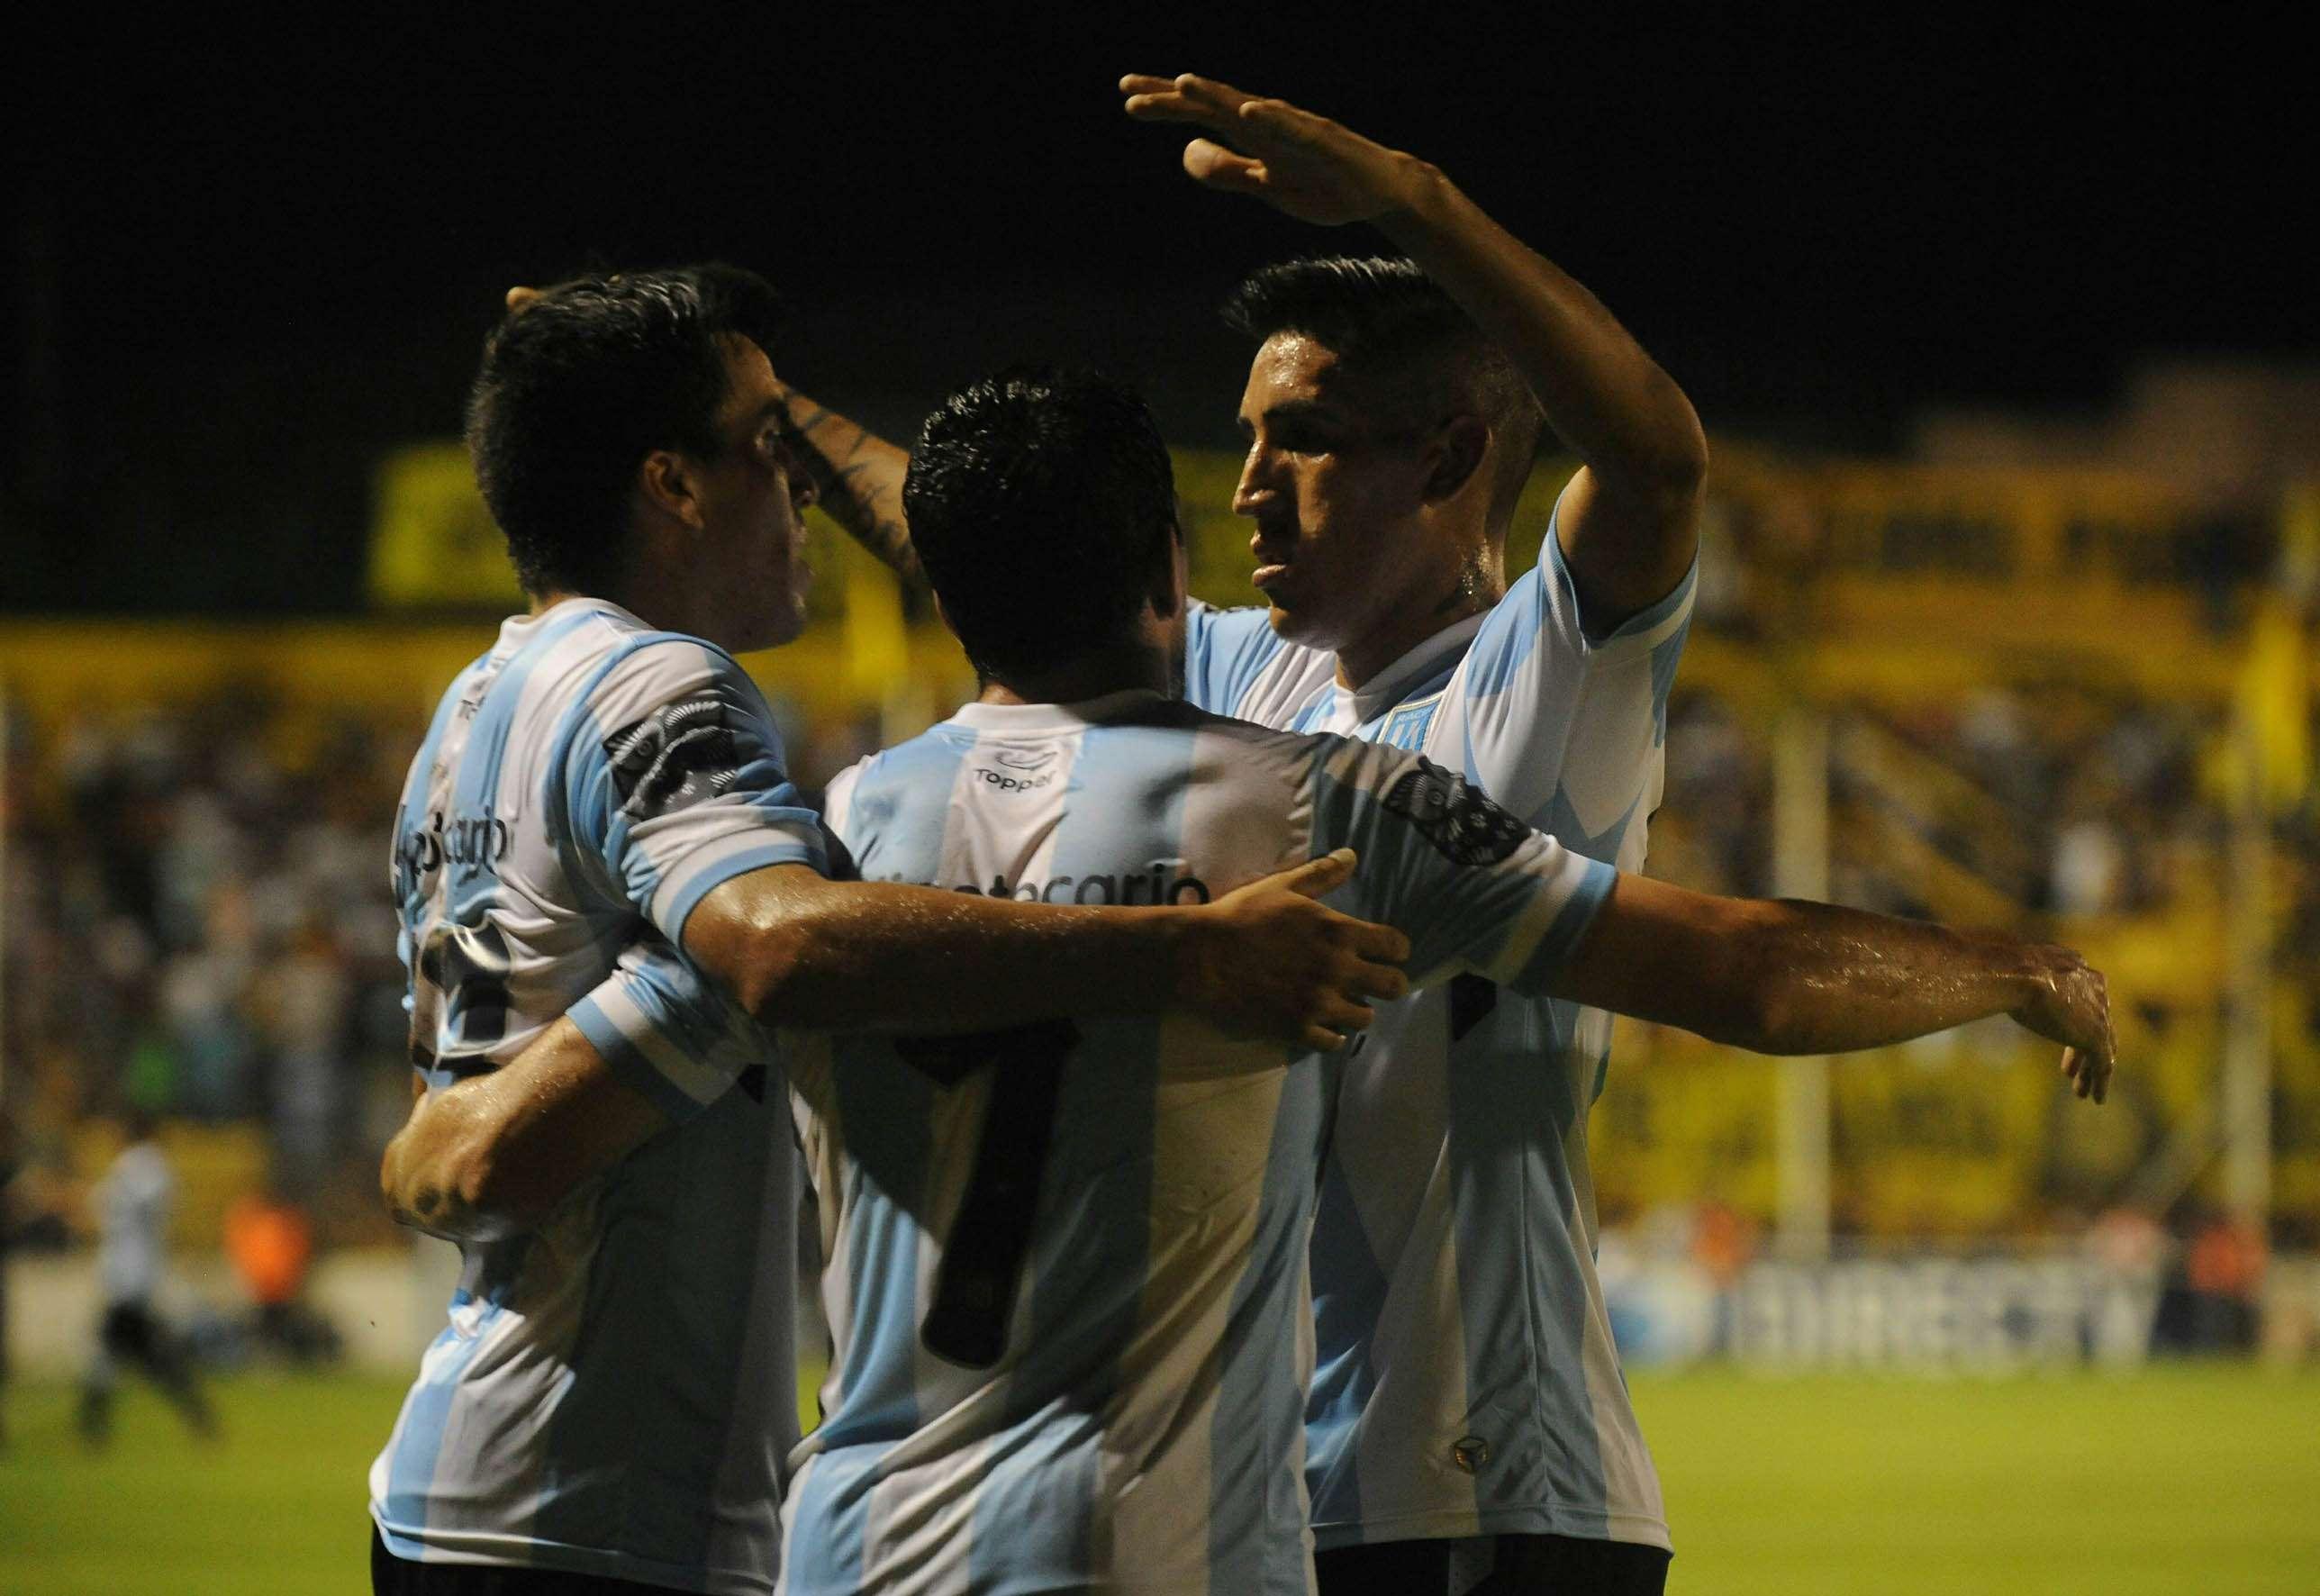 Belgrano venció 1 a 0 a Rosario Central; Independiente hizo lo propio 3 a 1 ante Tigre; Vélez derrotó 1 a 0 a Banfield; Newell´s igualó 2 a 2 con Godoy Cruz; Racing empató 1 a 1 con Olimpo de Bahía Blanca Foto: Agencias